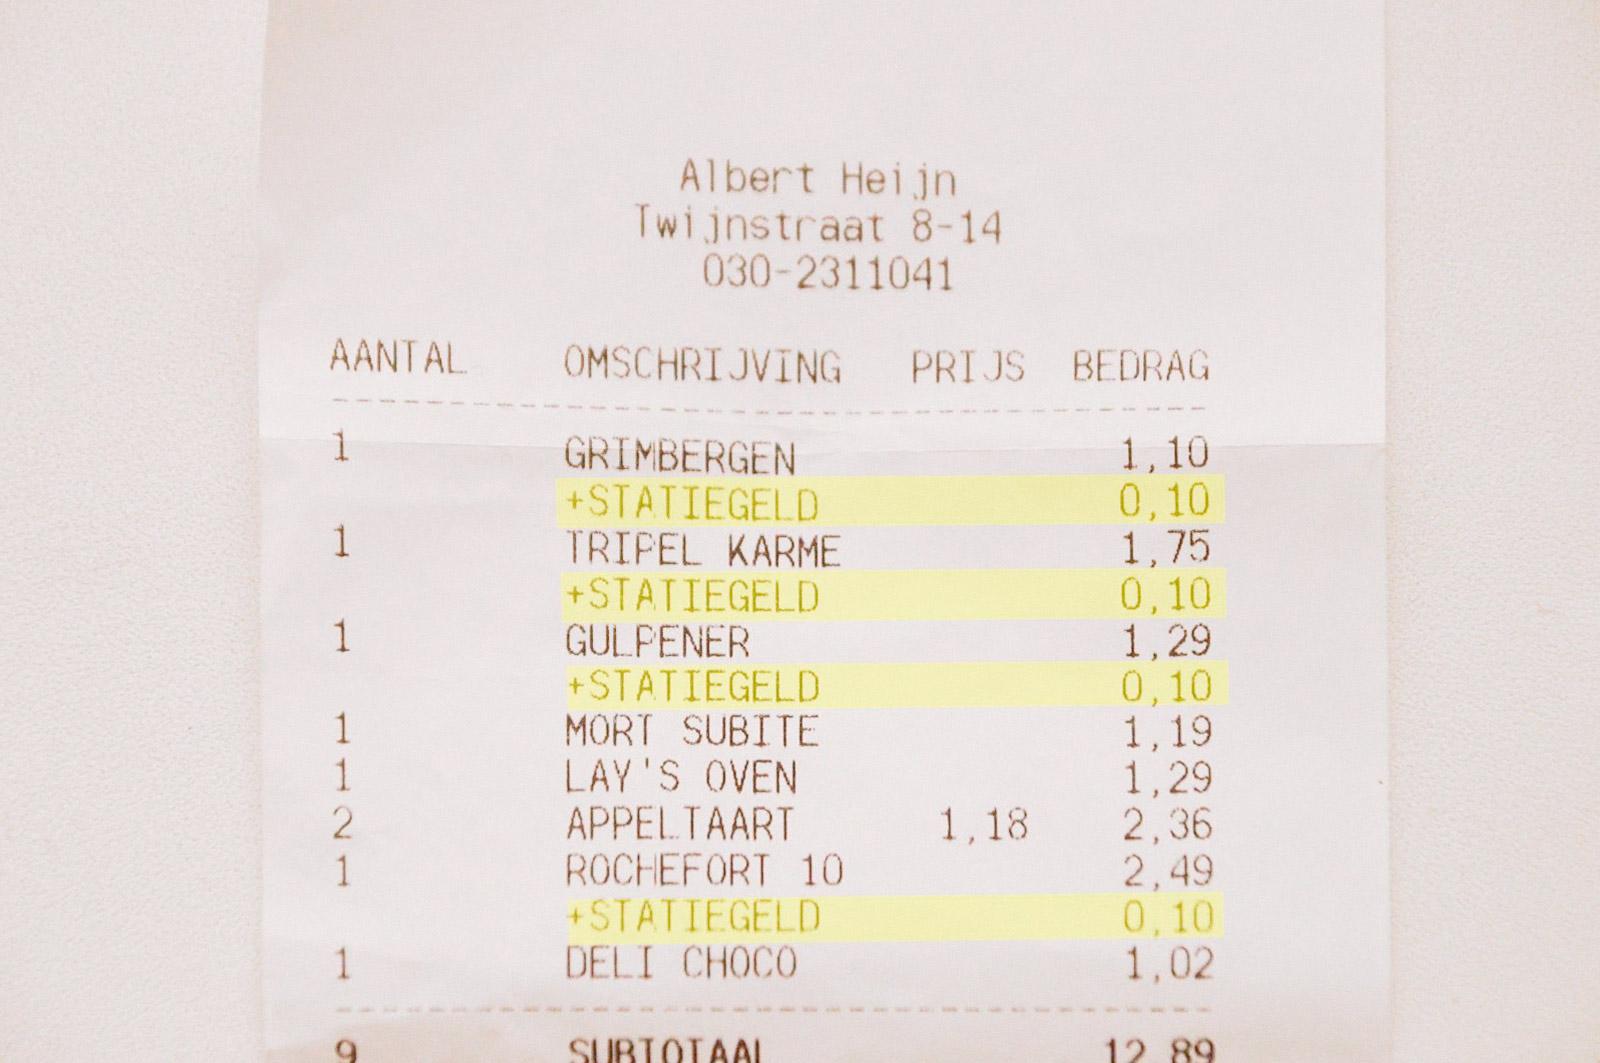 В этом чеке из голландского супермаркета у нас четыре бутылки, которые можно вернуть, на общую сумму 0,4€